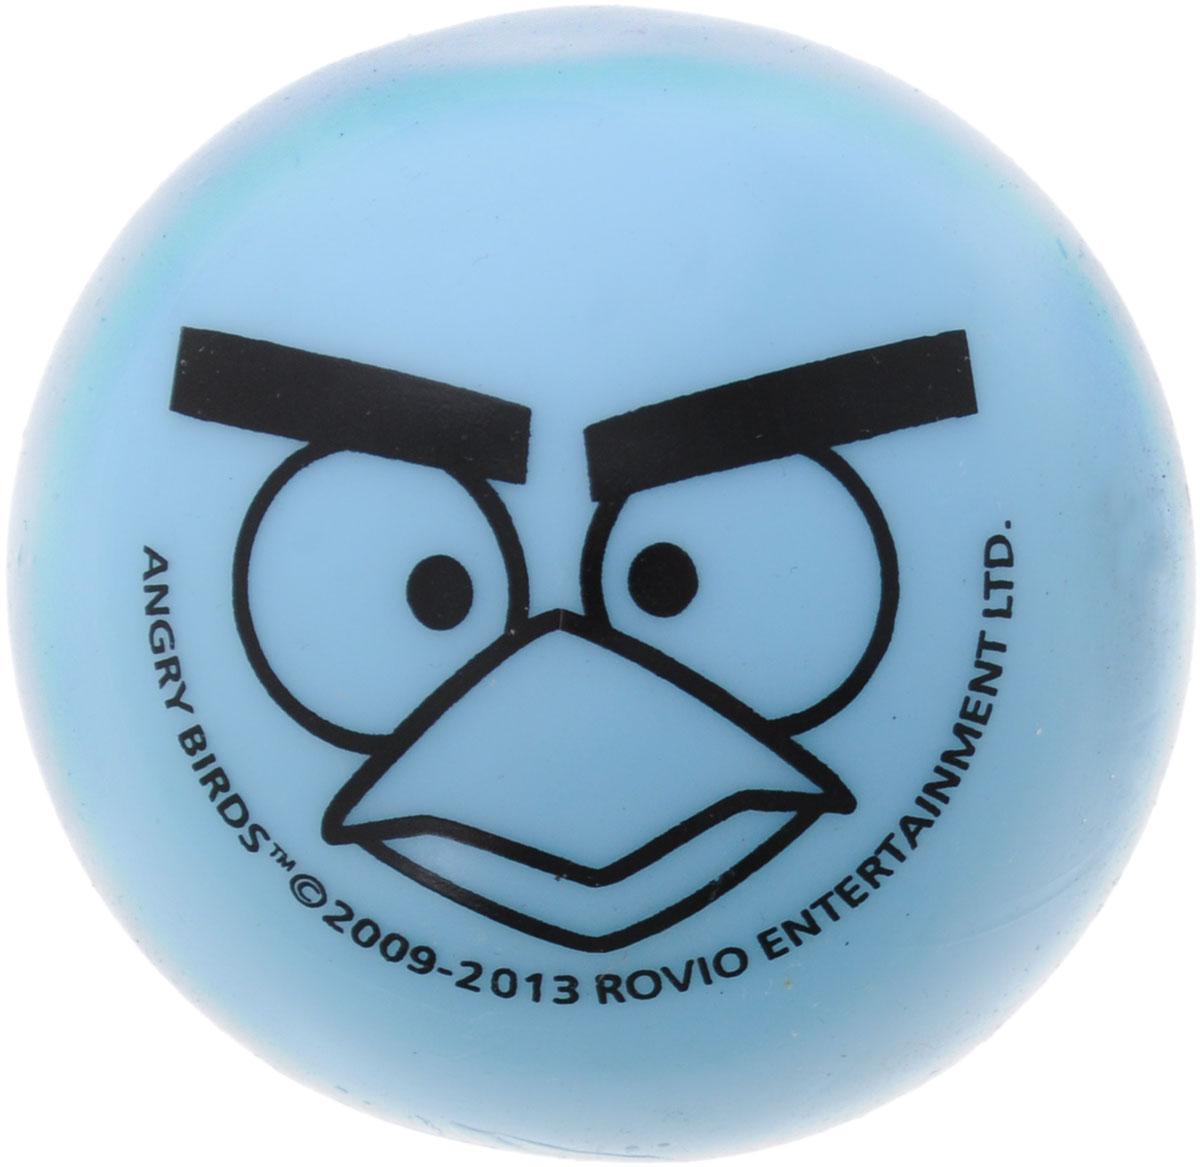 Angry Birds Игрушка-мялка цвет голубой35743-0000012-00_голубойИгрушка-мялка Angry Birds - это антистрессовая игрушка-мялка, выполненная в виде персонажа всеми любимой игры Angry Birds. Игрушка изготовлена из мягкого полимера, благодаря чему она легко изменяет форму и структуру при приложении к ней физической силы, а затем принимает первоначальный вид. Игрушка-мялка способствует развитию мелкой моторики пальцев рук, развивает творческое мышление, укрепляет кистевые мышцы рук, создает позитивный эмоциональный фон и является замечательным антистрессом. Порадуйте своего ребенка таким замечательным подарком!